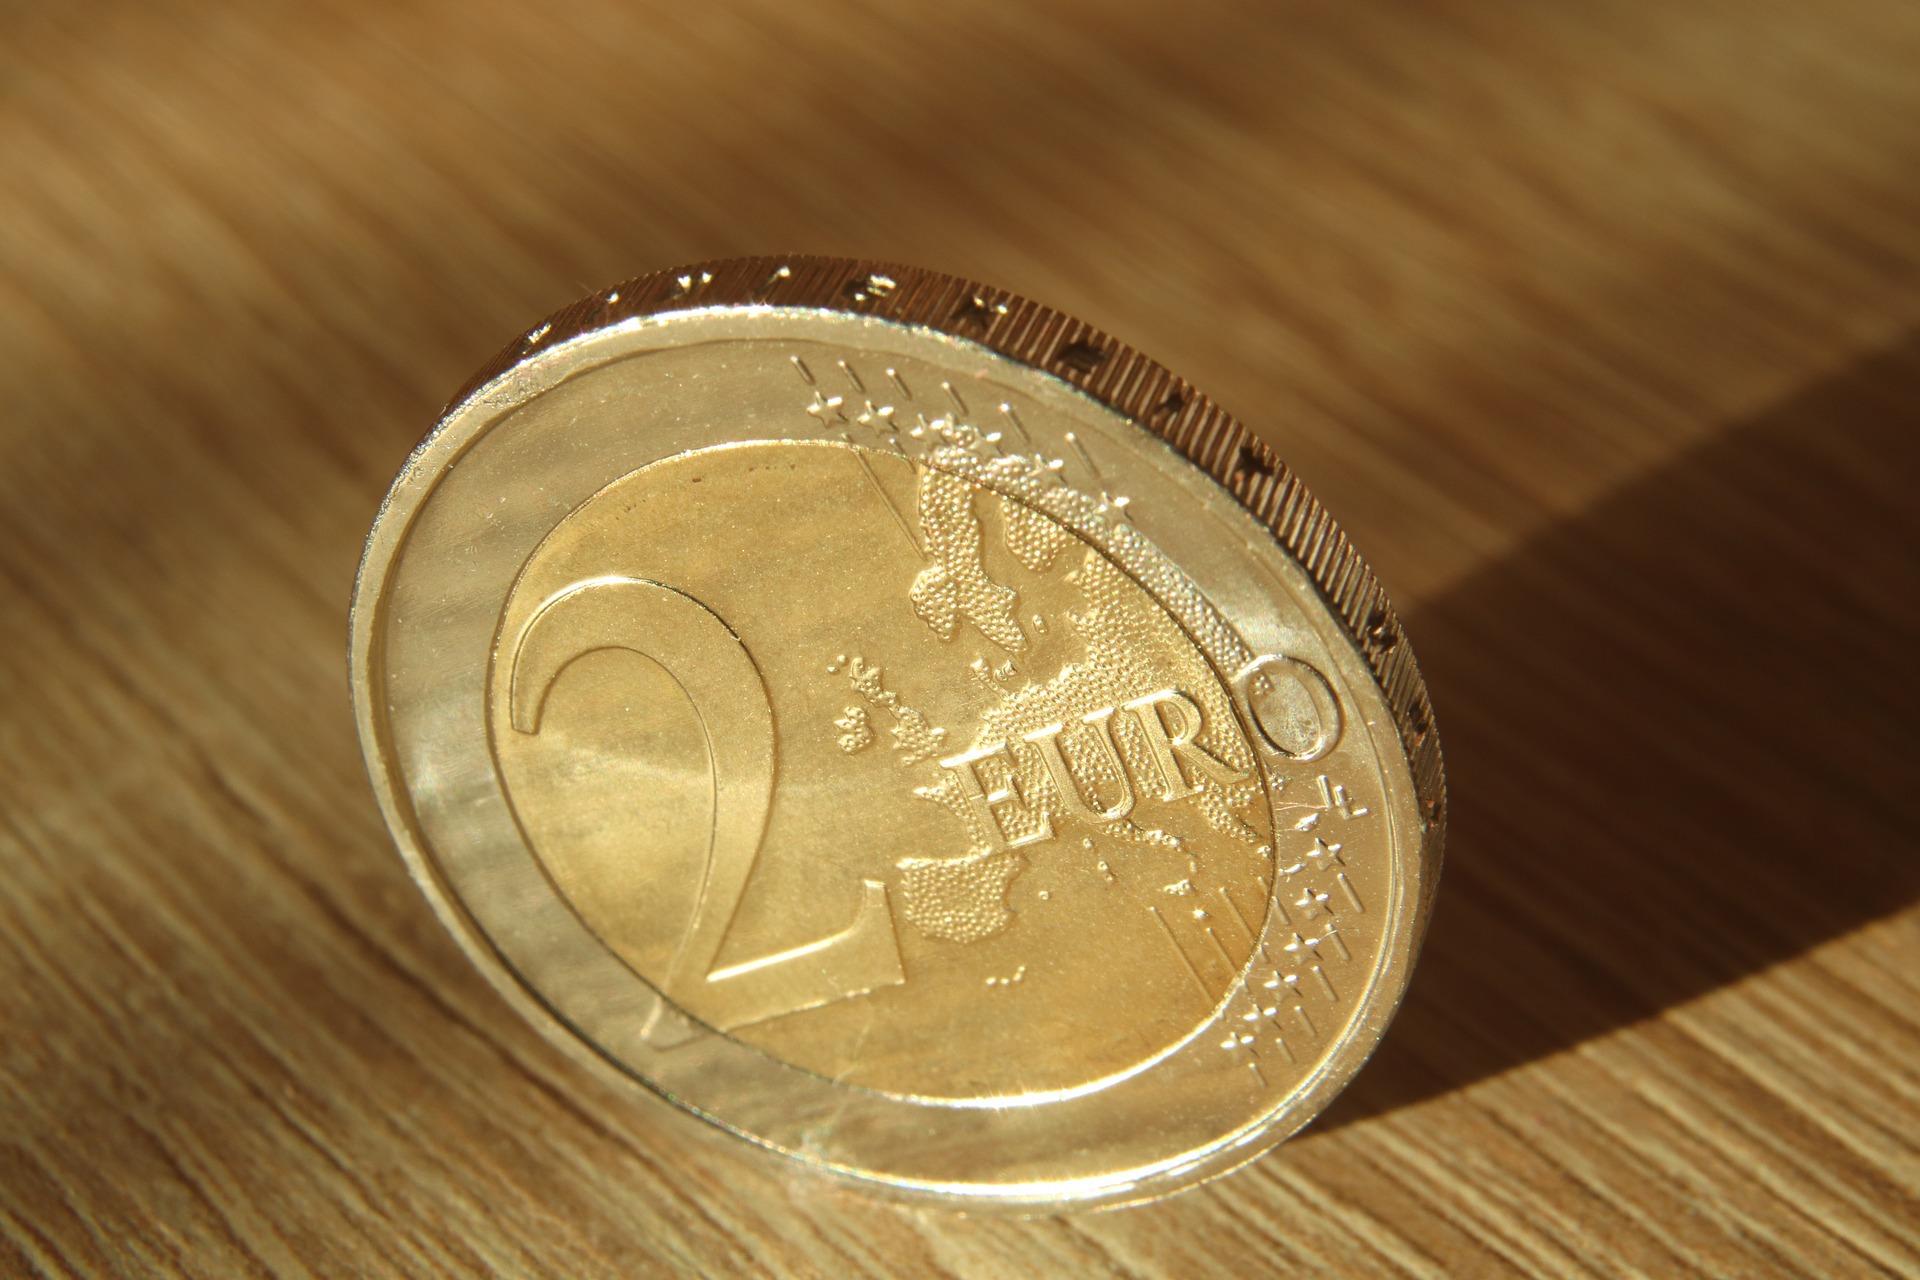 Combien ça coûte, une pièce de 2 euros?